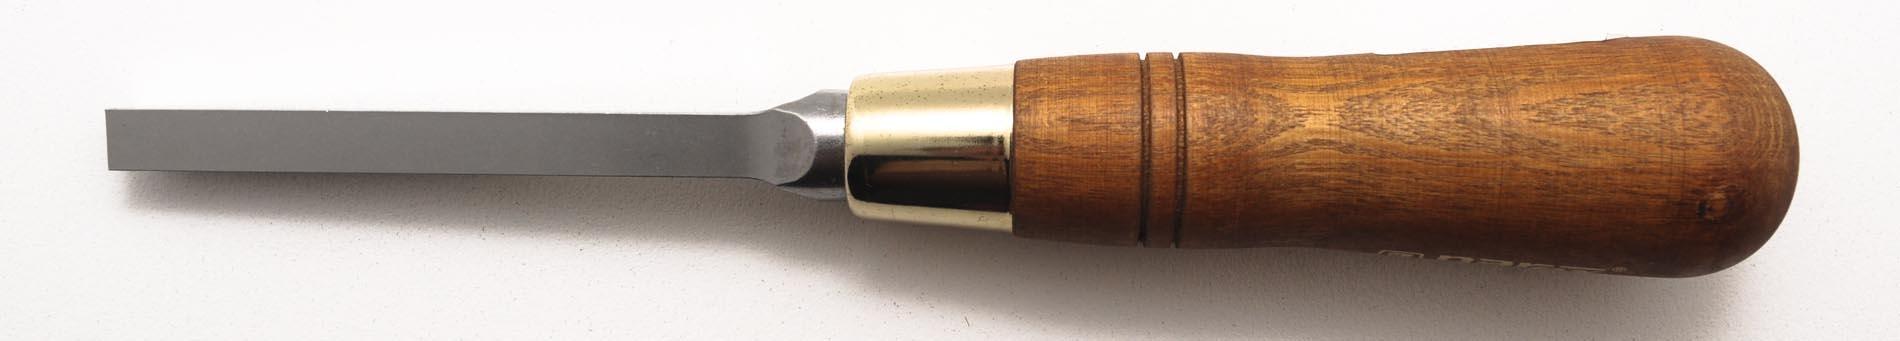 813410-Instalacion bisagras, chapas, formon 90° ancho 10mm Narex 813410-max-11.